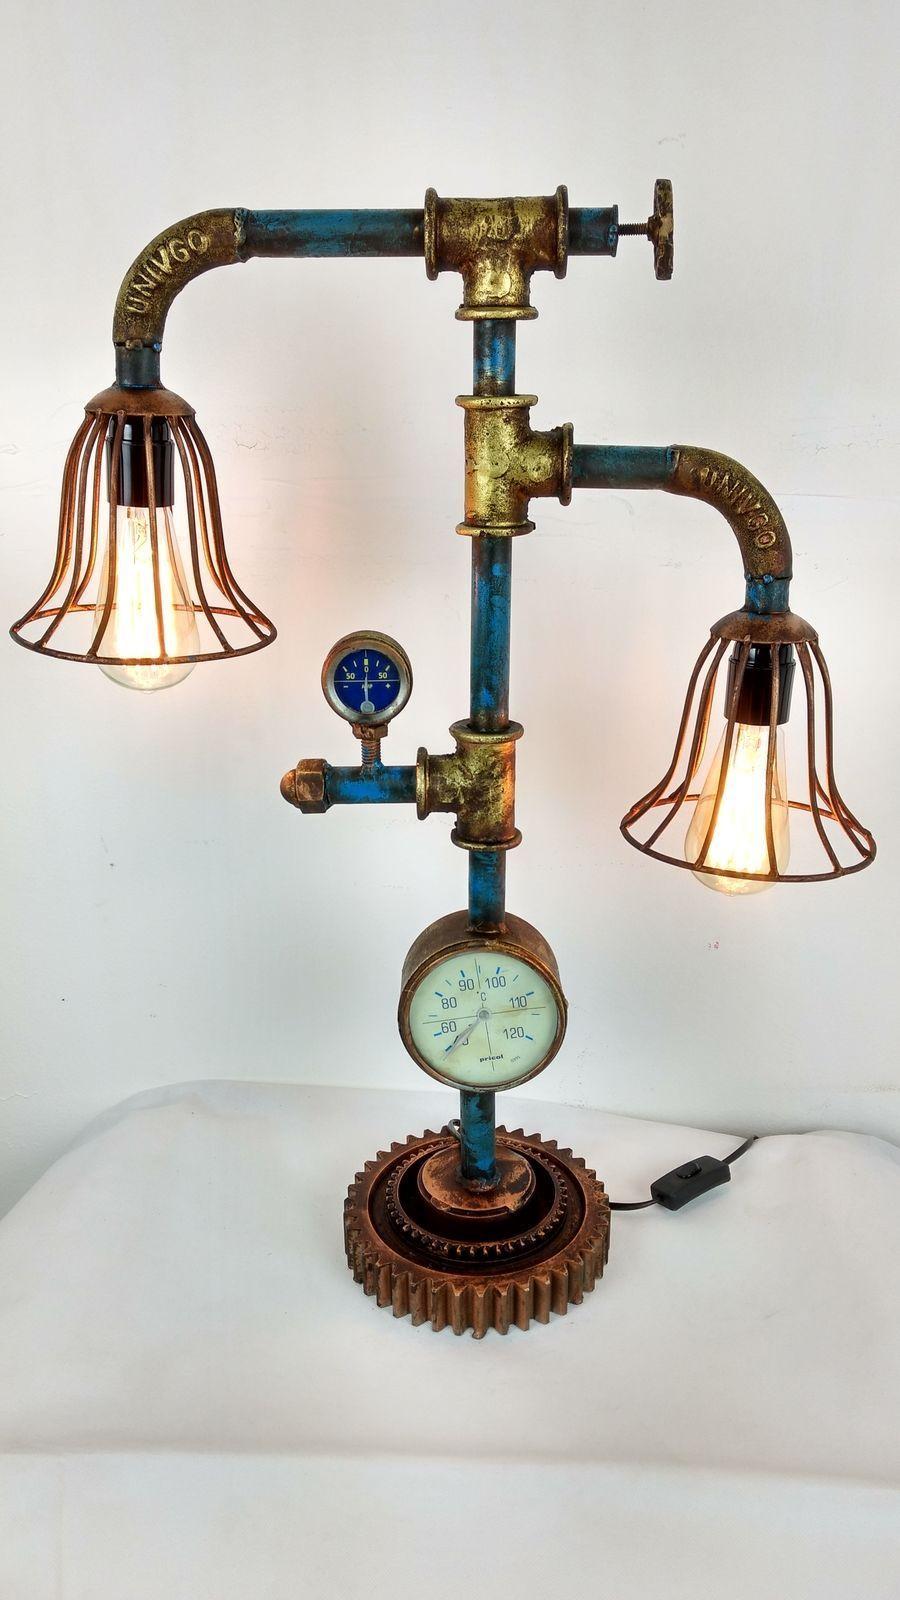 Lampe Aus Wasserrohren https://www.ebay.de/itm/industrie-design-lampe-aus-wasserrohren